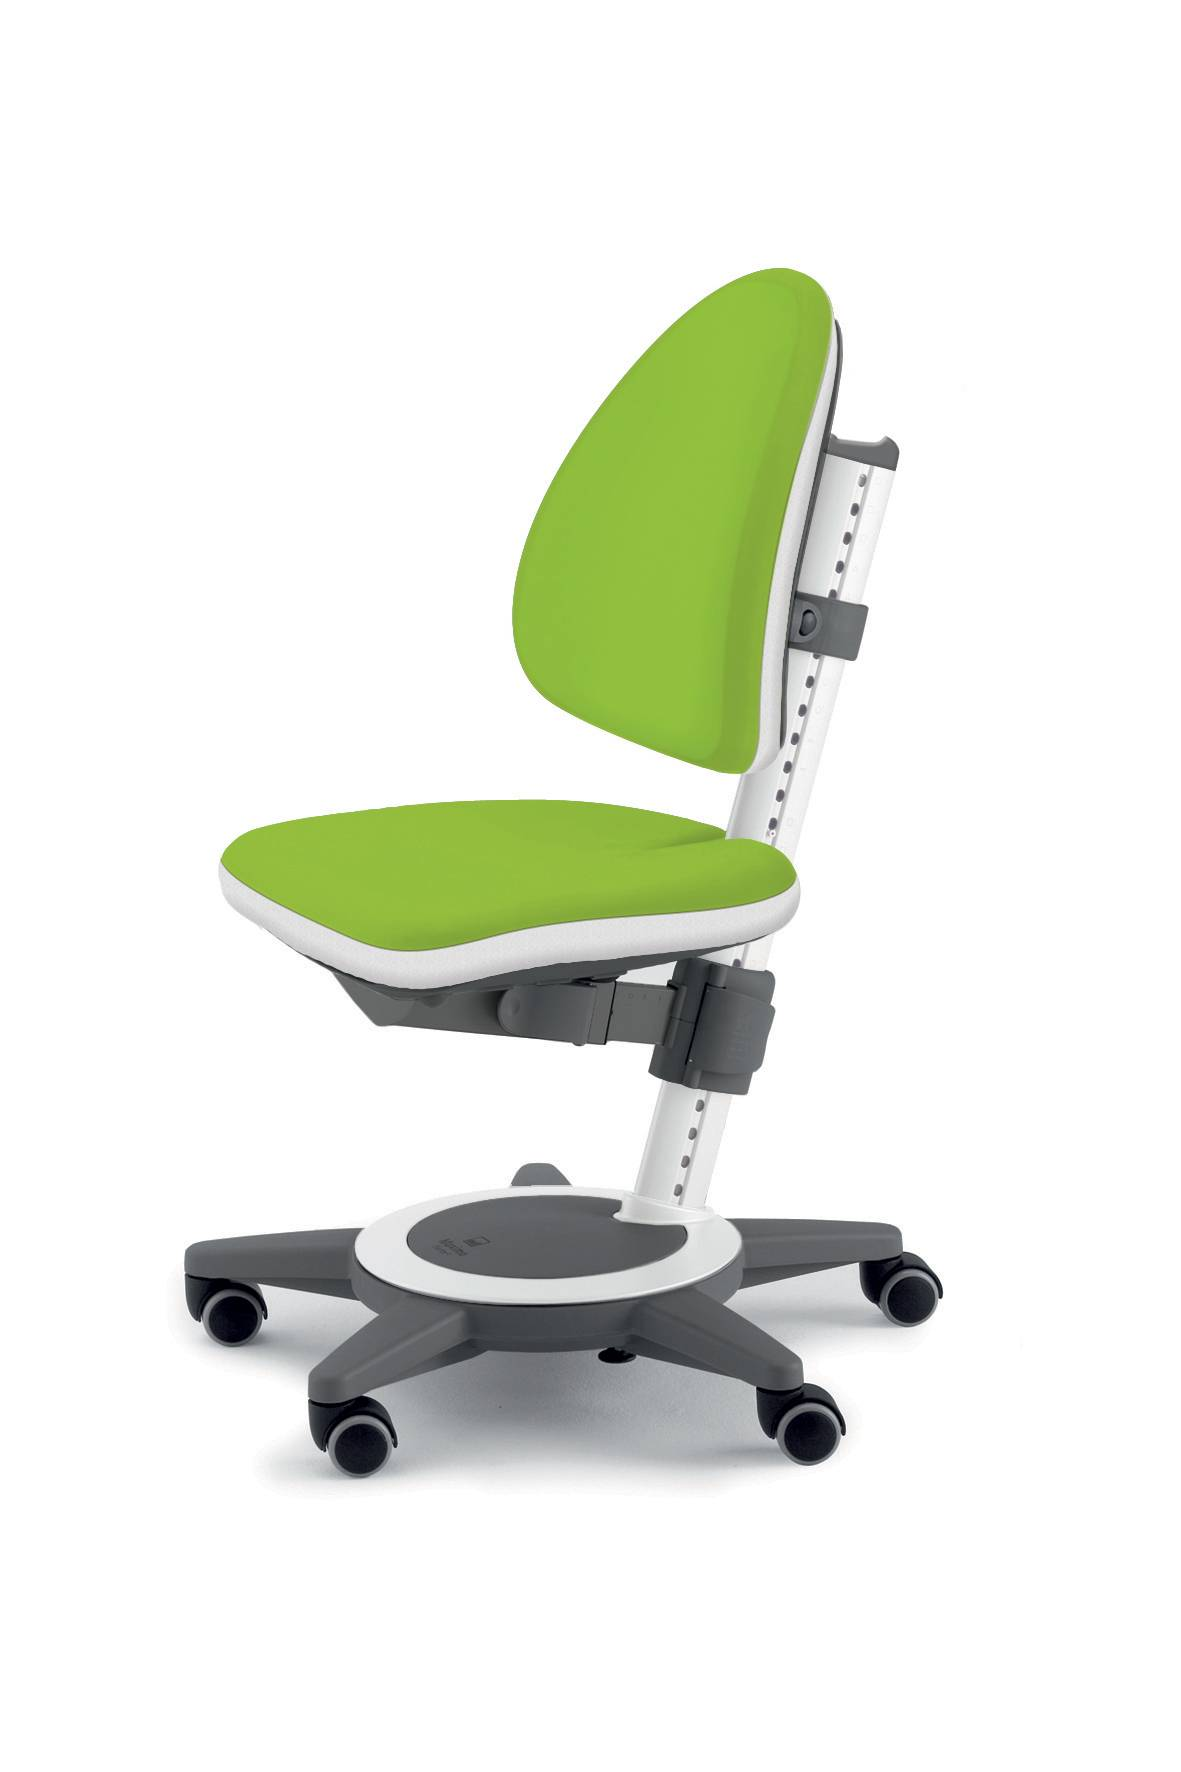 Кресла для школьников: выбираем школьные кресла-стулья для ребенка и рабочее кресло для учебы. письменные модели на колесах от ikea и других брендов